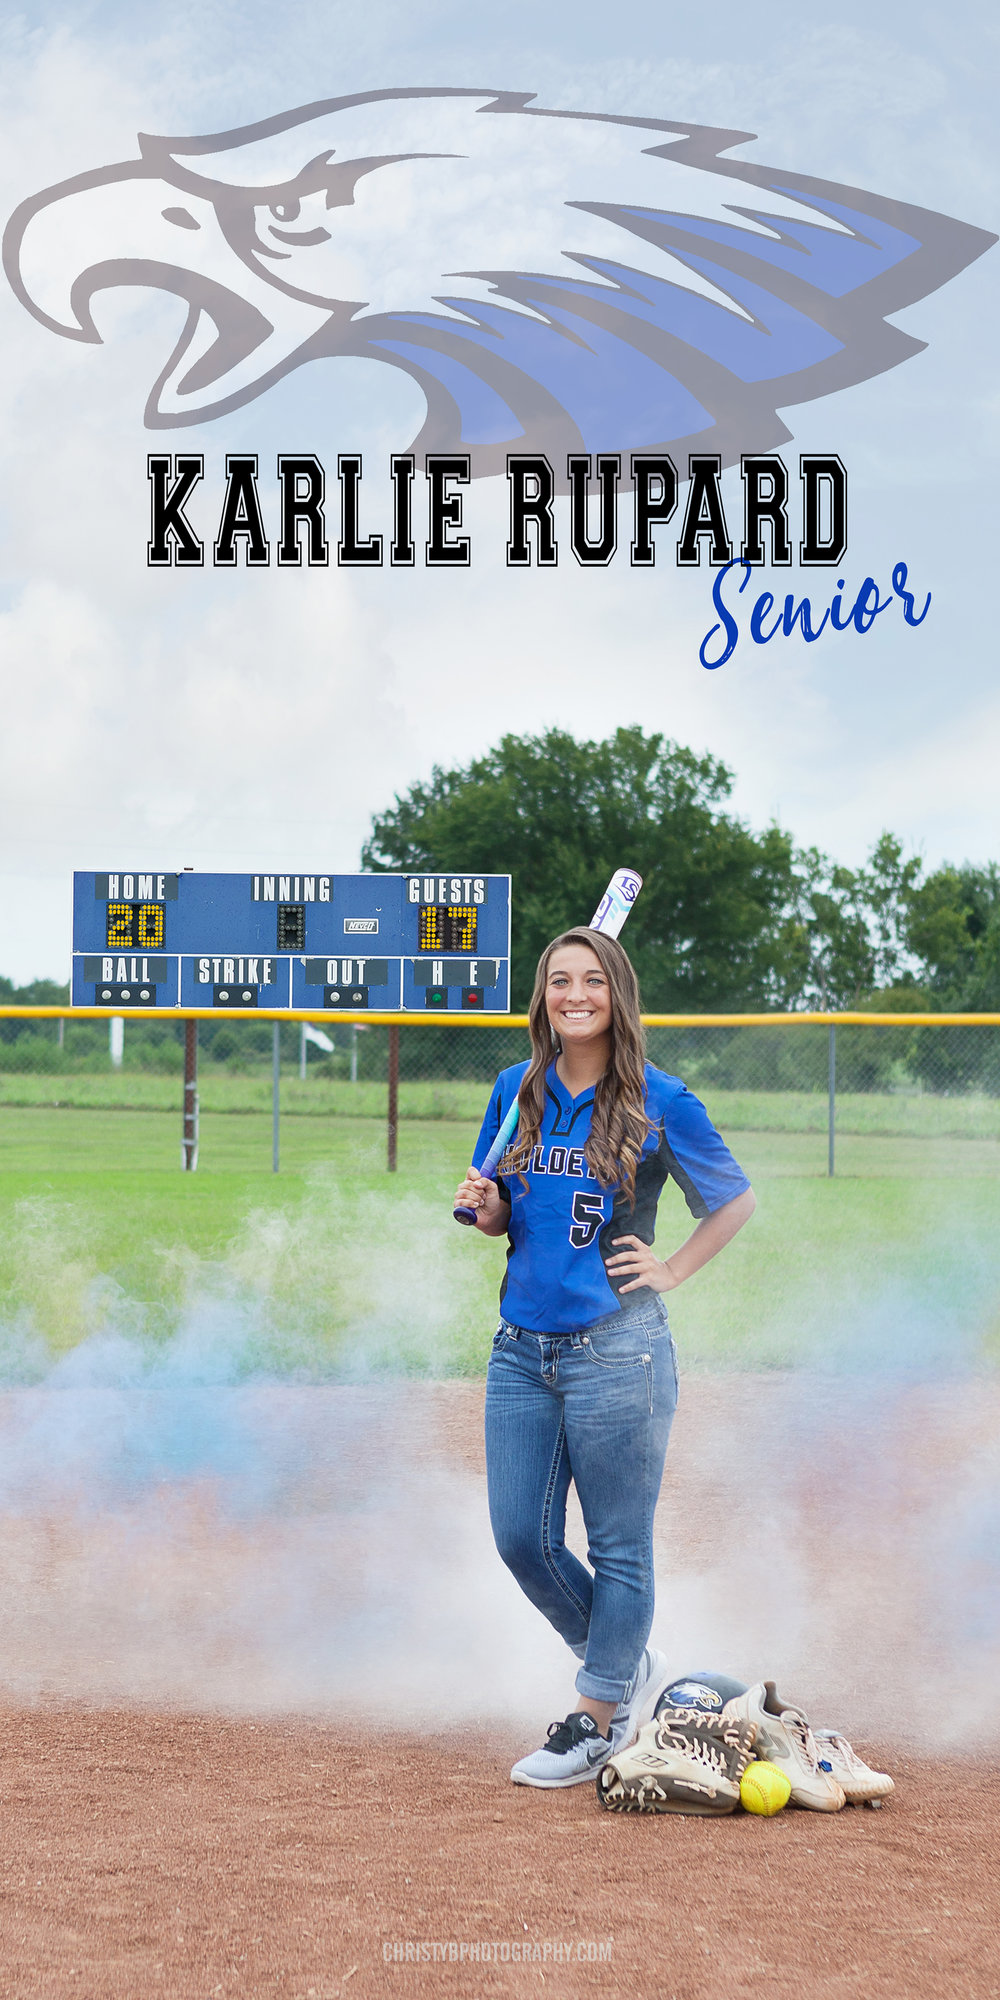 Karlie Rupard Banner low-res.jpg